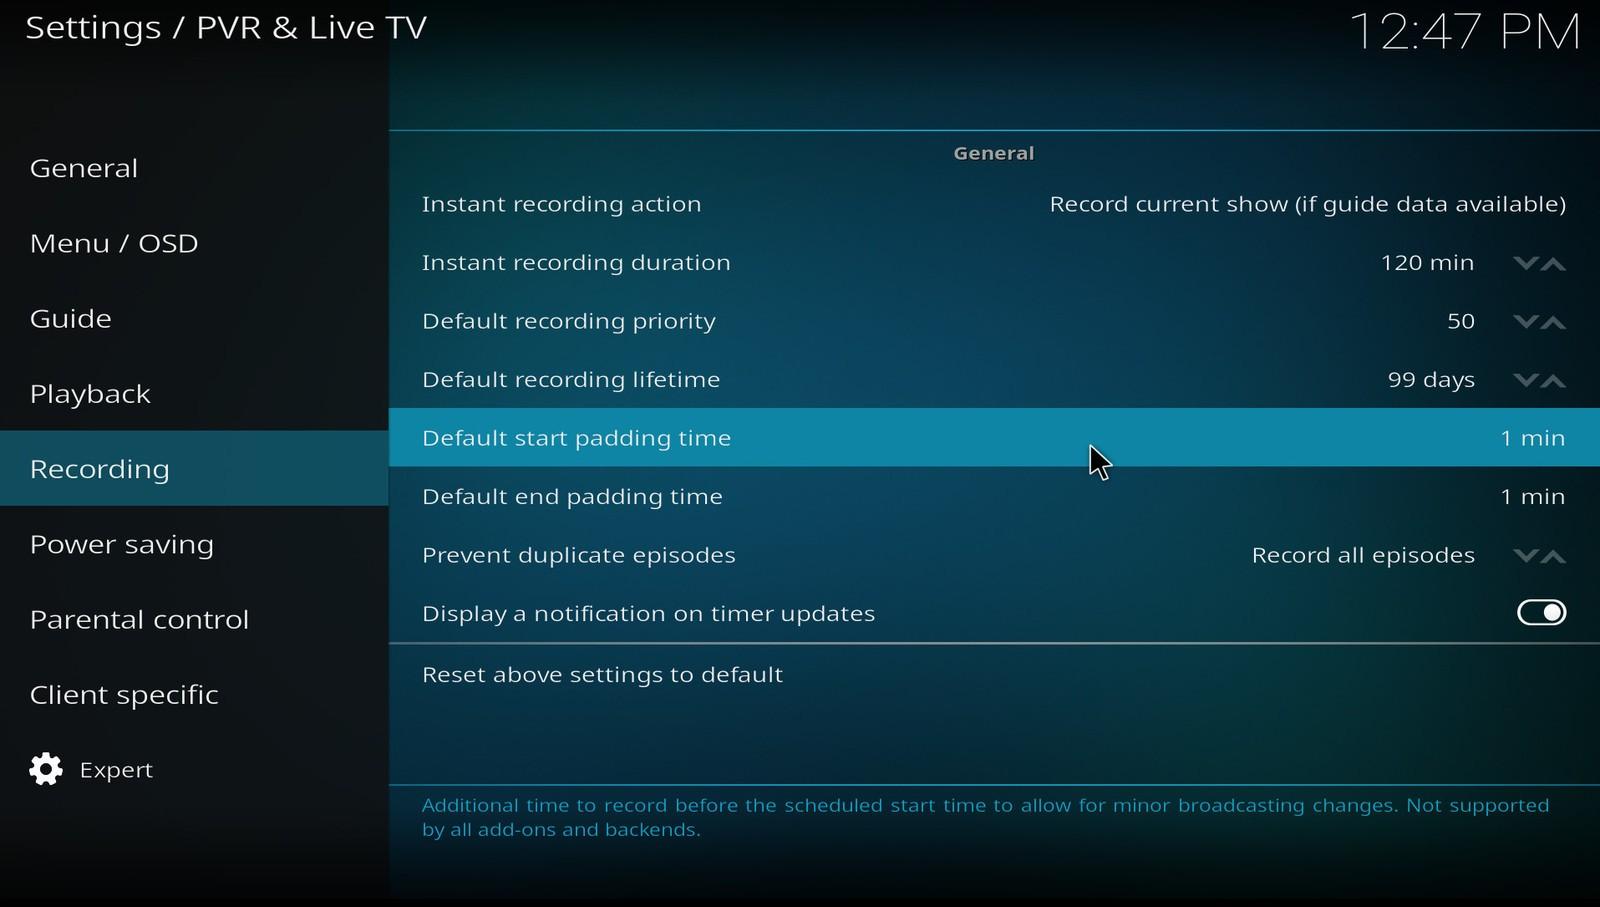 UKTVNOW APK Download – Free Live TV Channel App – UkTVNow: Uktvnow